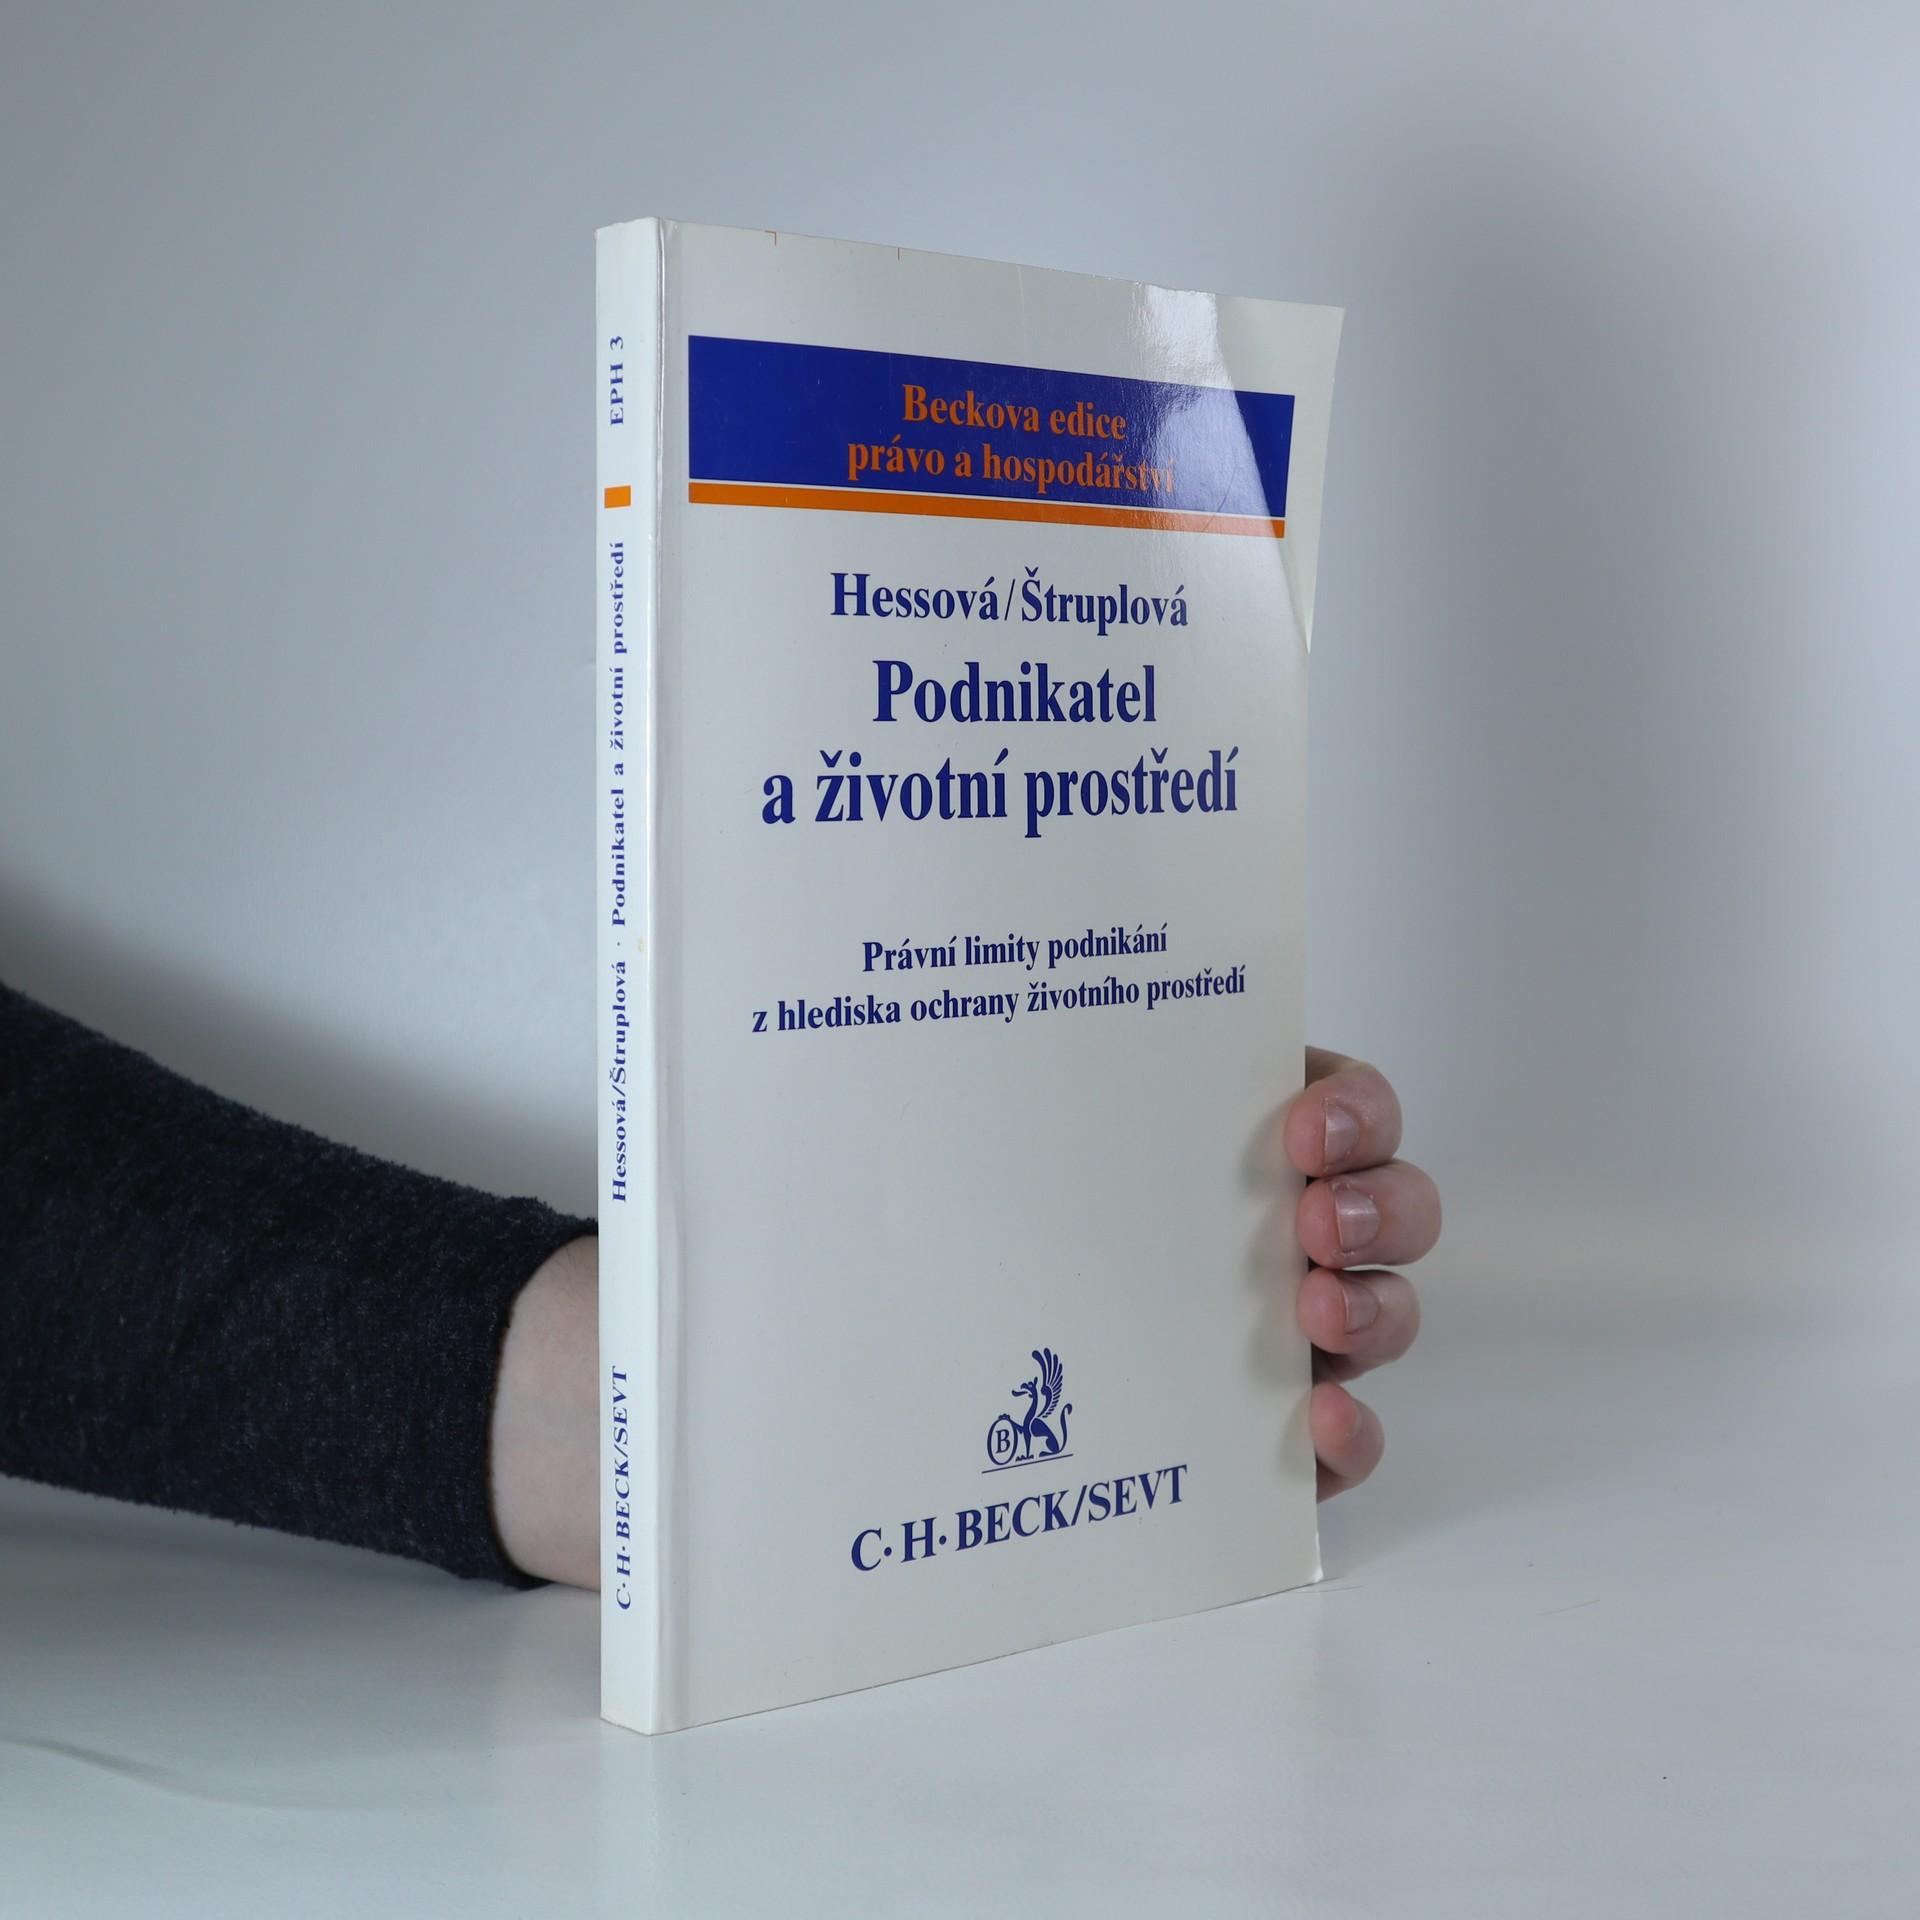 antikvární kniha Podnikatel a životní prostředí, 1994